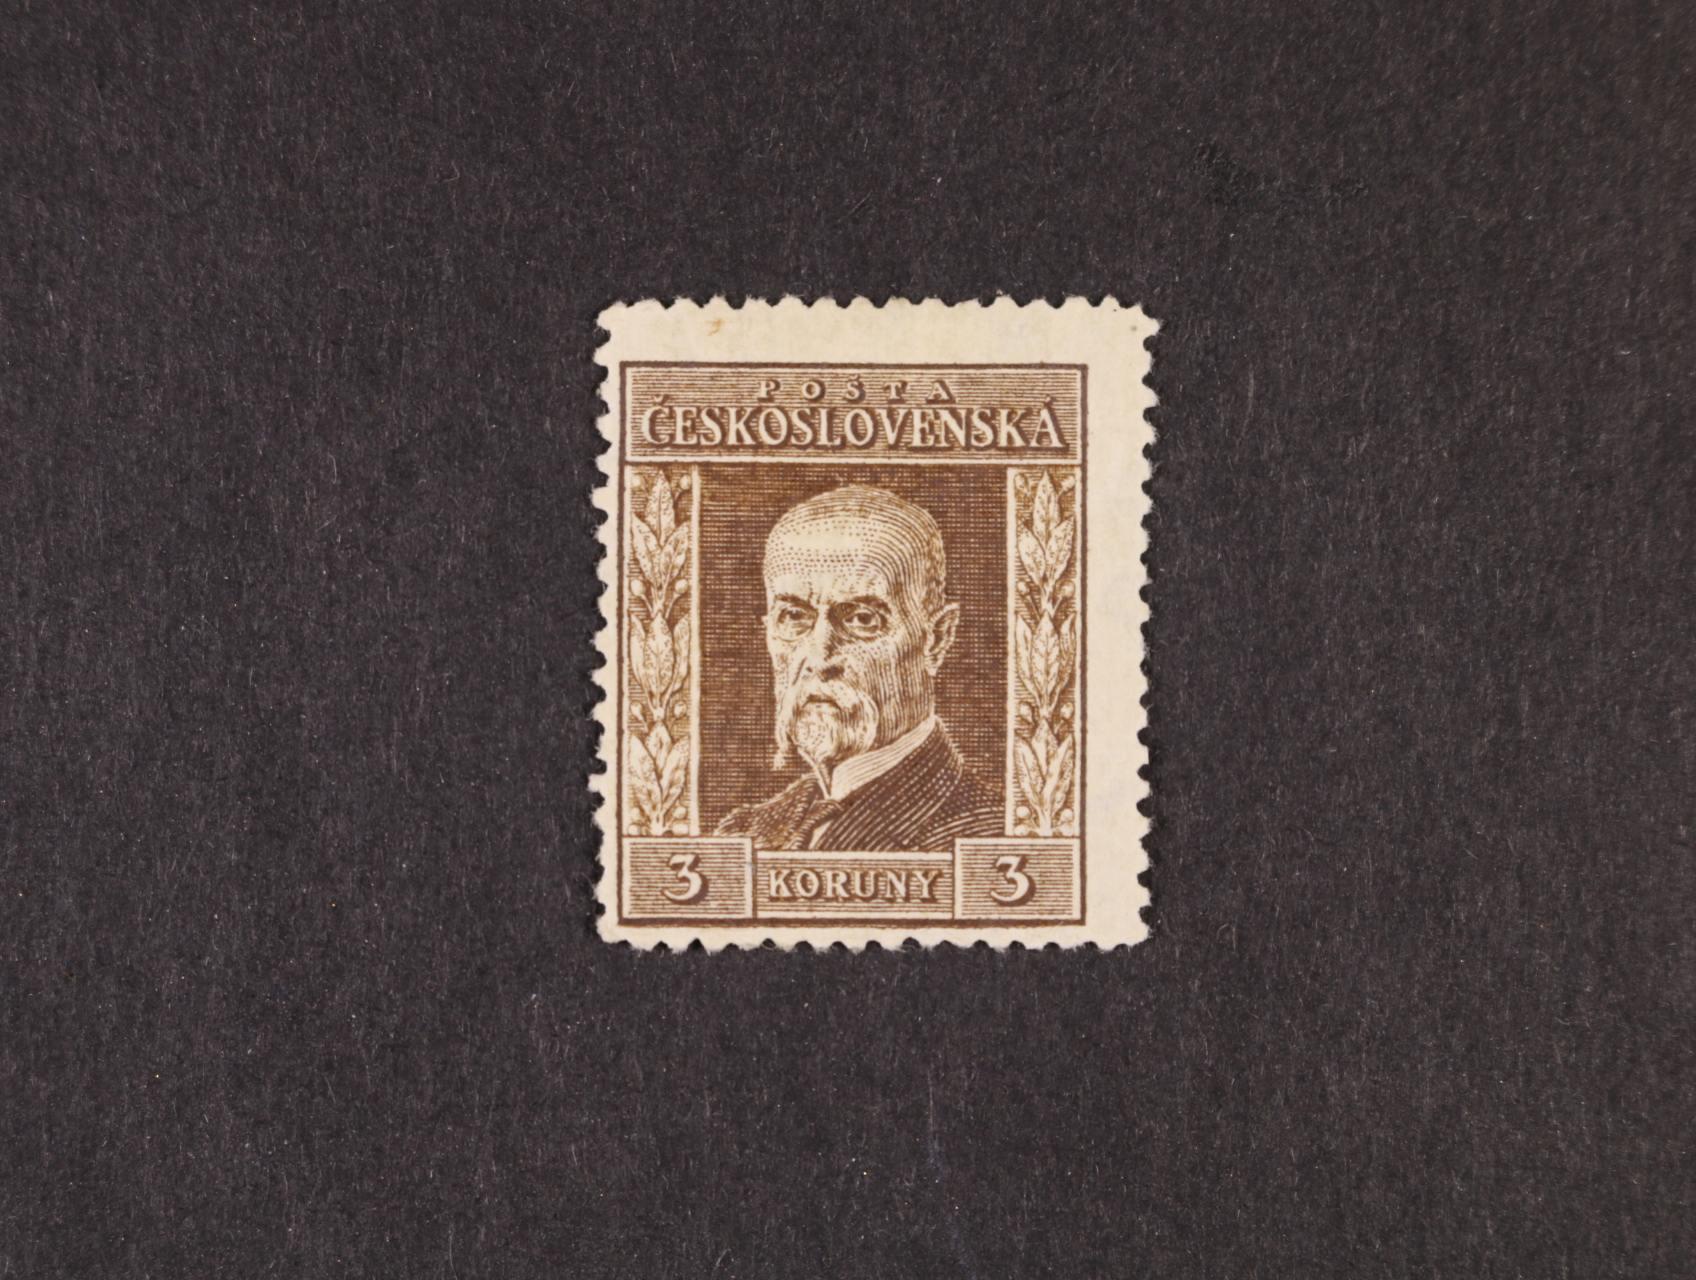 zn. č. 193 A I, pr. 4, zk. Karásek, Vrba